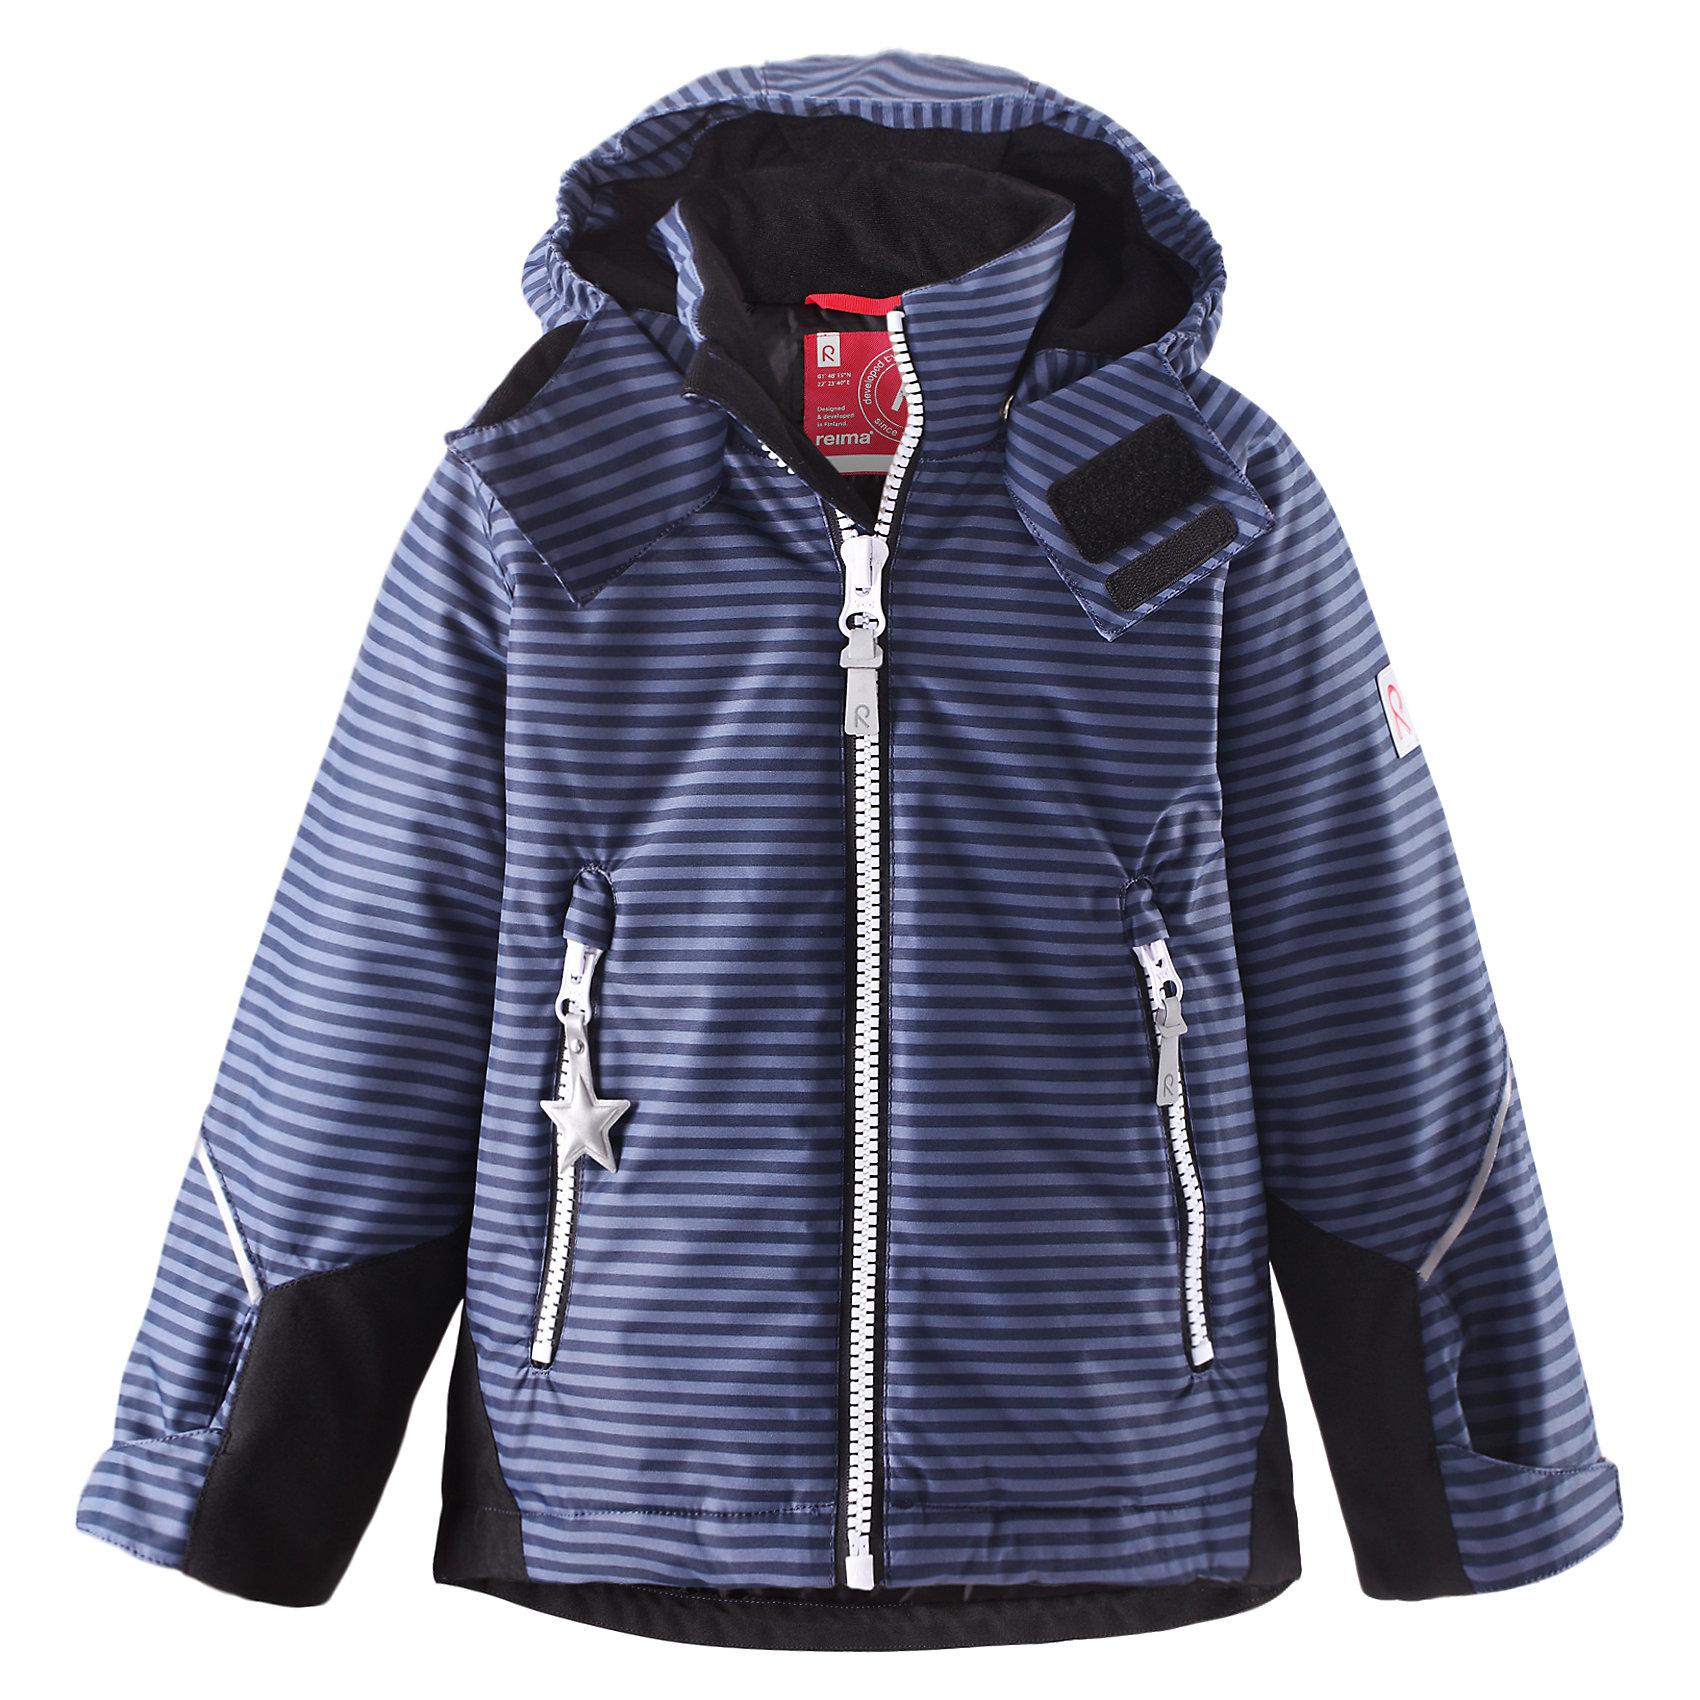 Куртка Kiddo Kisa для мальчика ReimaОдежда<br>Куртка  Reima<br>Зимняя куртка для детей. Основные швы проклеены и не пропускают влагу. Прочные усиленные вставки на рукавах и спинке. Водо- и ветронепроницаемый, «дышащий» и грязеотталкивающий материал. Гладкая подкладка из полиэстра. Безопасный, съемный капюшон. Регулируемые манжеты и подол. Два кармана на молнии. Принт по всей поверхности. Безопасные светоотражающие детали<br>Утеплитель: Reima® Soft Loft insulation,160 g<br>Уход:<br>Стирать по отдельности, вывернув наизнанку. Застегнуть молнии и липучки. Стирать моющим средством, не содержащим отбеливающие вещества. Полоскать без специального средства. Во избежание изменения цвета изделие необходимо вынуть из стиральной машинки незамедлительно после окончания программы стирки. Сушить при низкой температуре.<br>Состав:<br>100% Полиамид, полиуретановое покрытие<br><br>Ширина мм: 356<br>Глубина мм: 10<br>Высота мм: 245<br>Вес г: 519<br>Цвет: синий<br>Возраст от месяцев: 18<br>Возраст до месяцев: 24<br>Пол: Мужской<br>Возраст: Детский<br>Размер: 92,98,134,104,140,116,128,110,122<br>SKU: 4776445